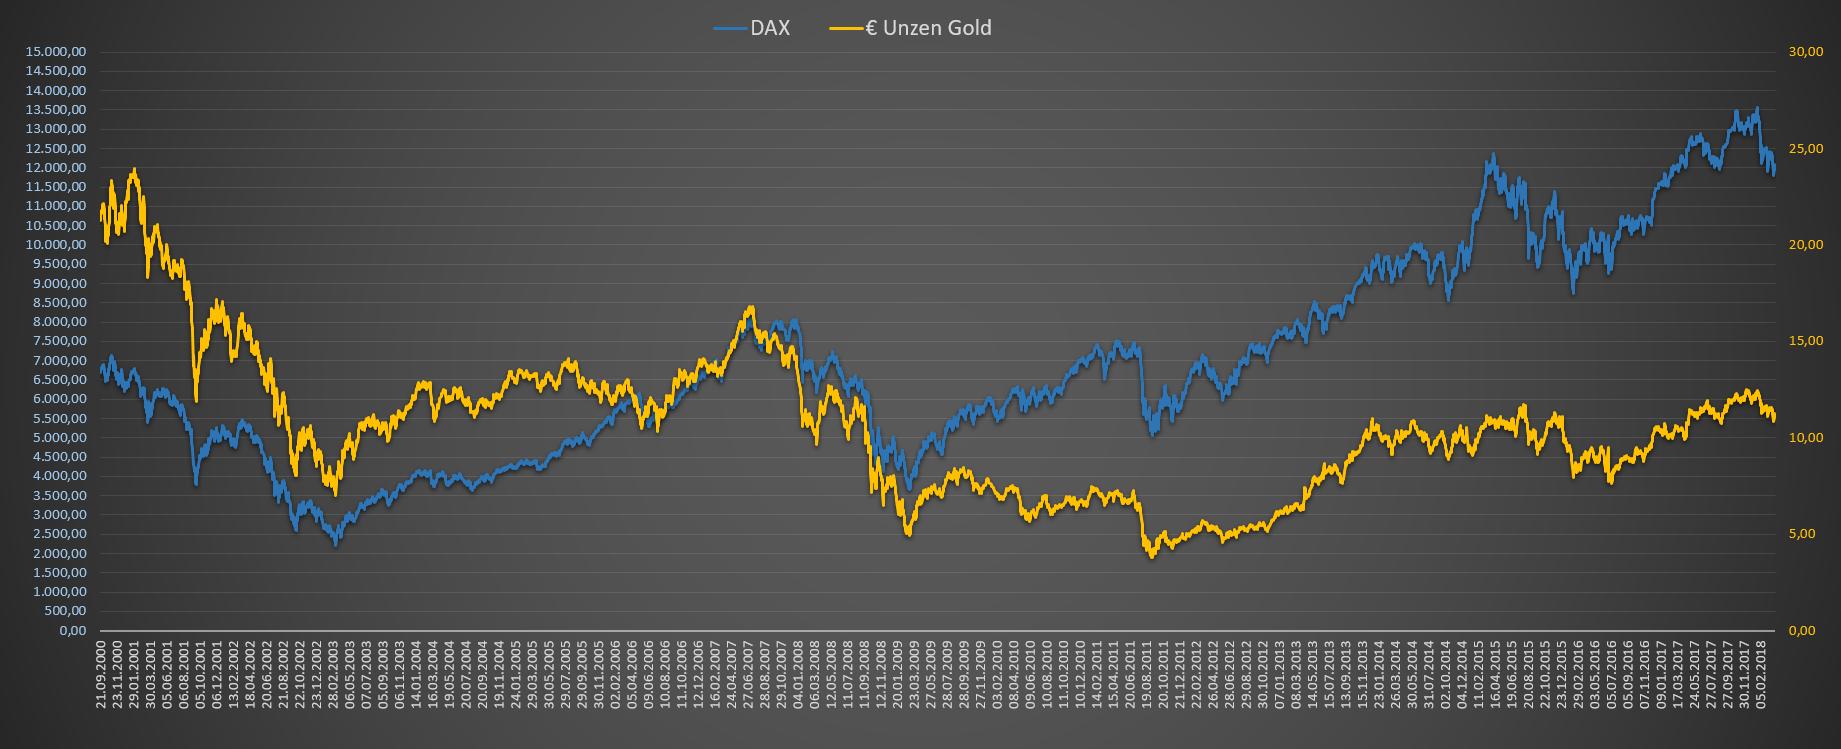 Auswertung der Strategie DAX zu Unzen Gold